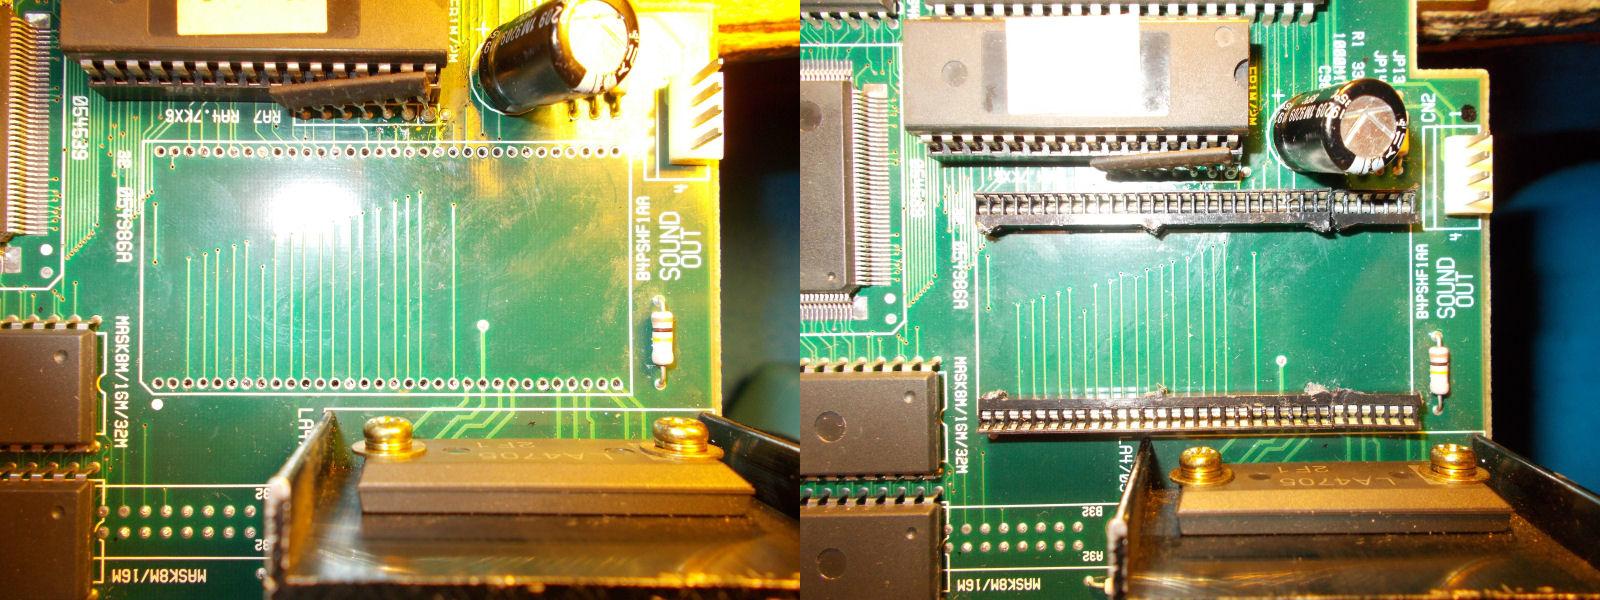 sockets_installation